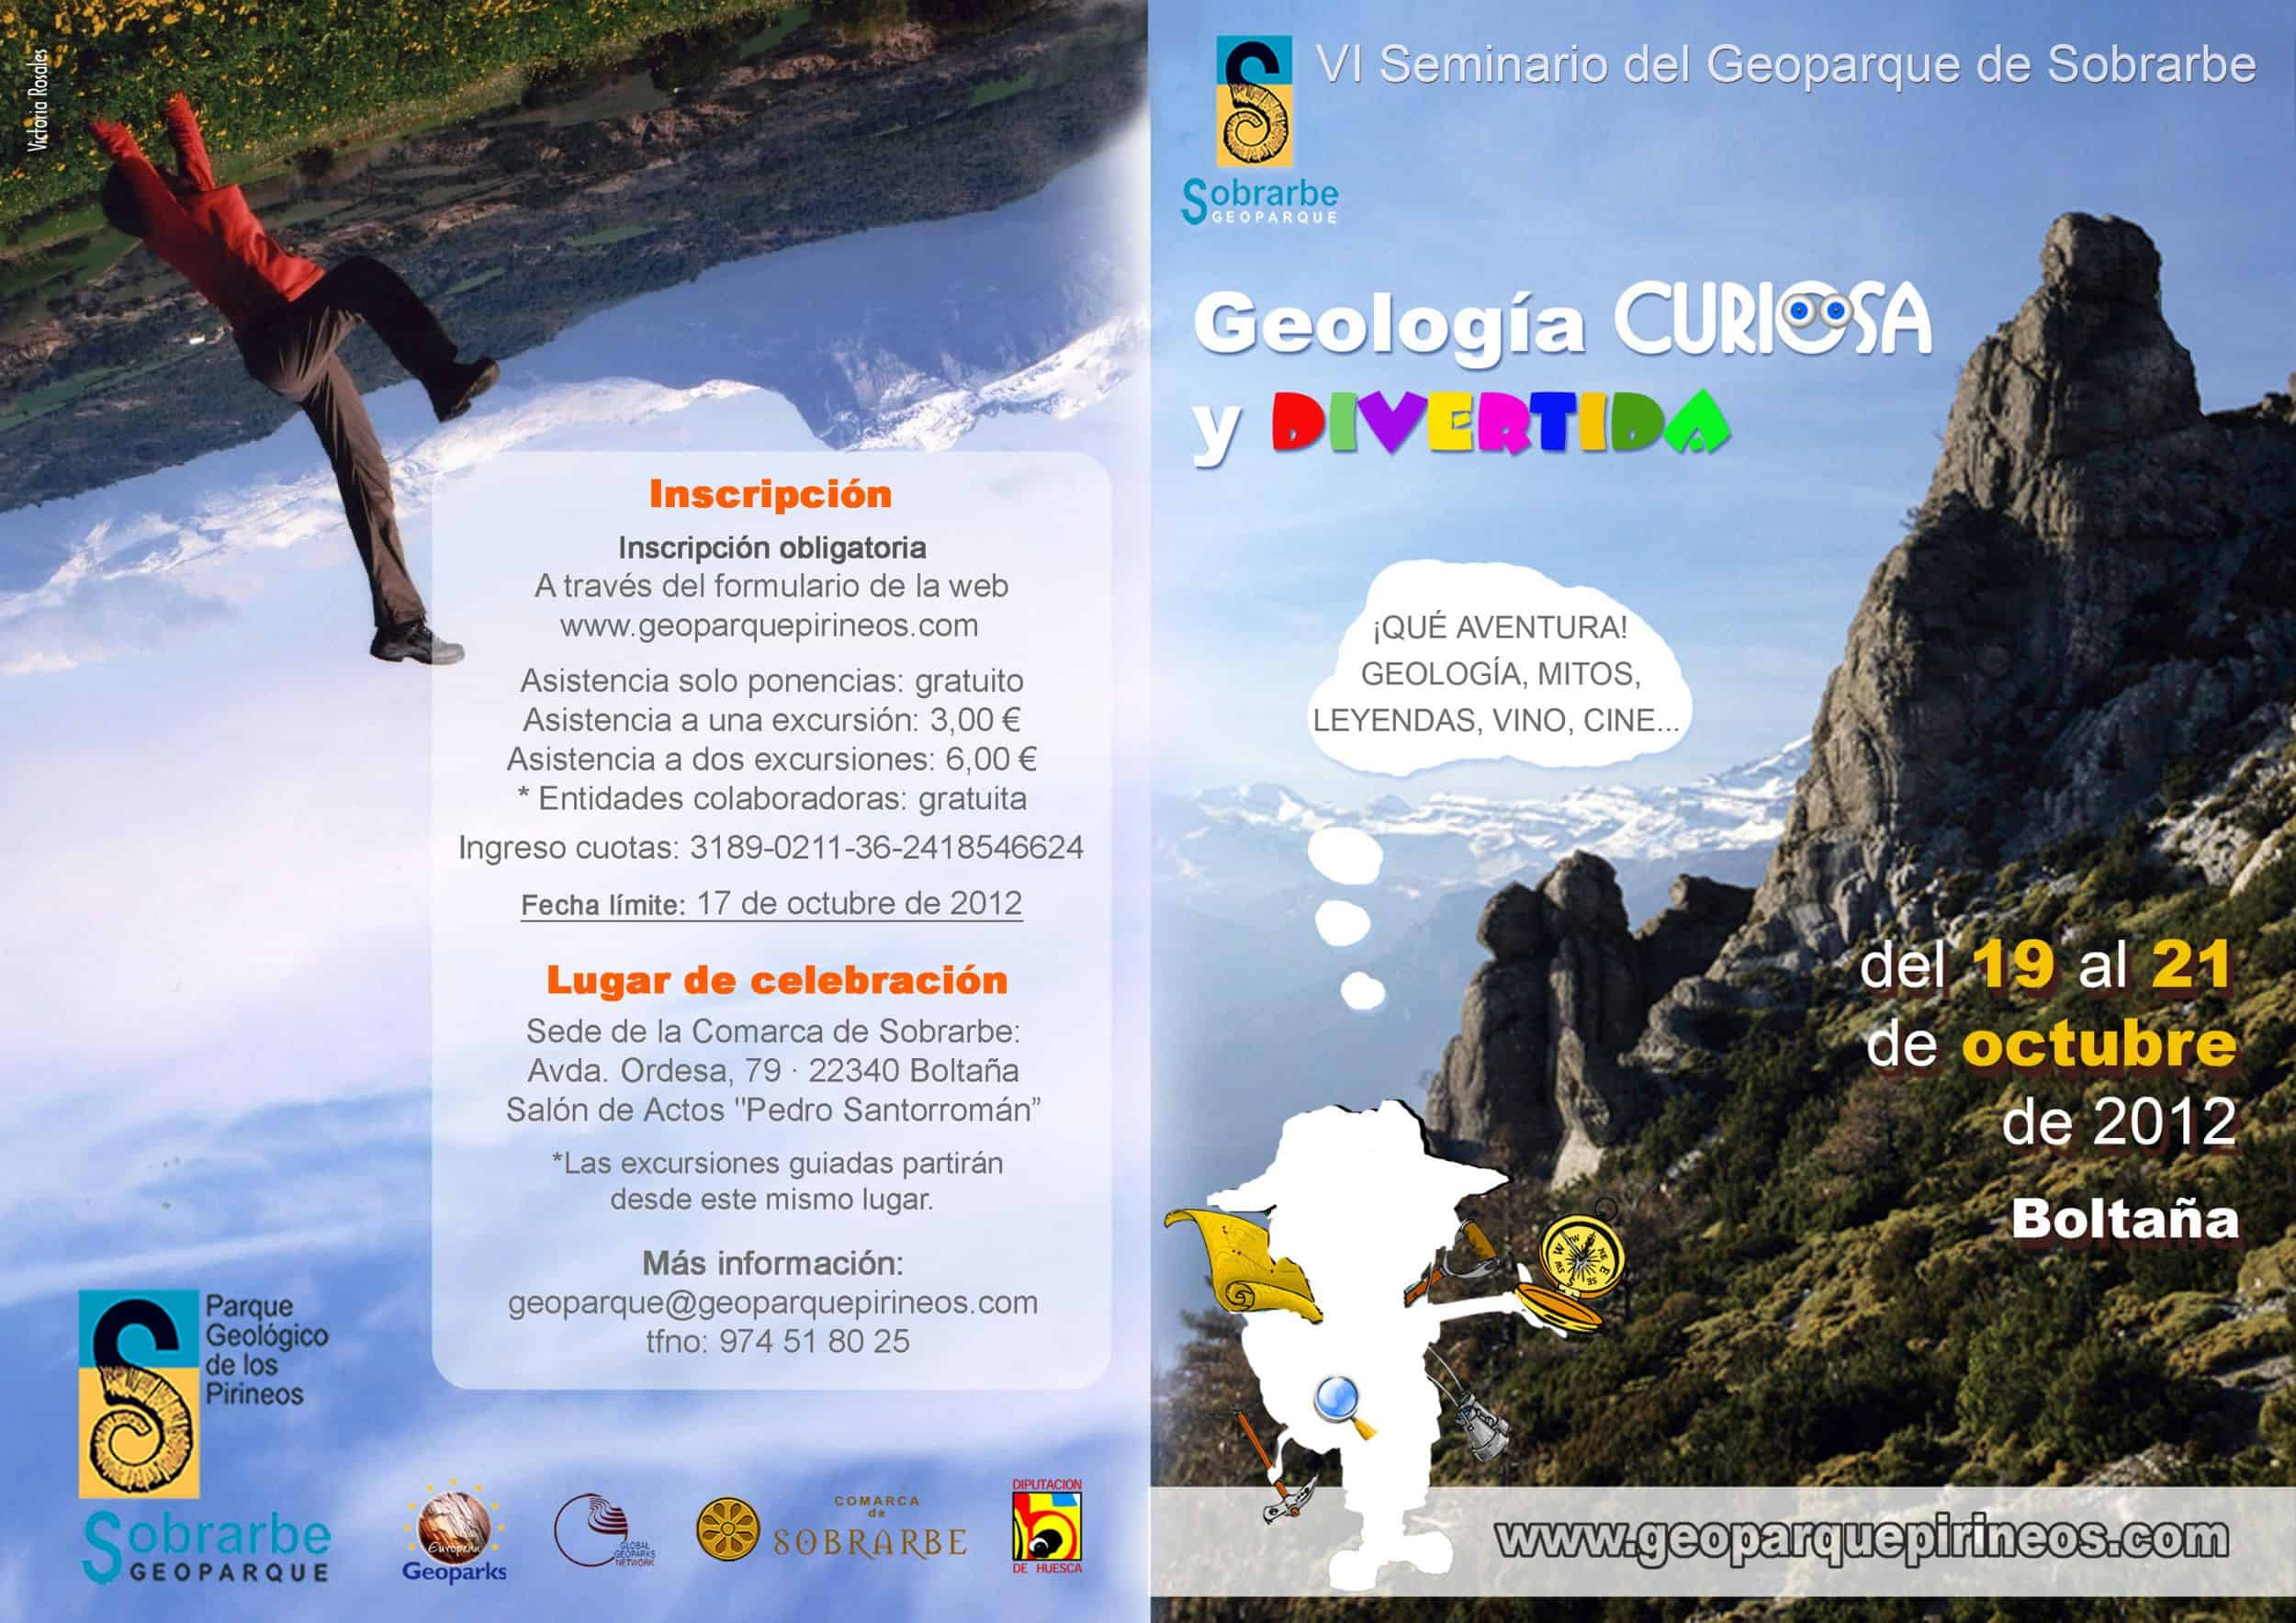 vi_seminario_geoparque1_copiar.jpg